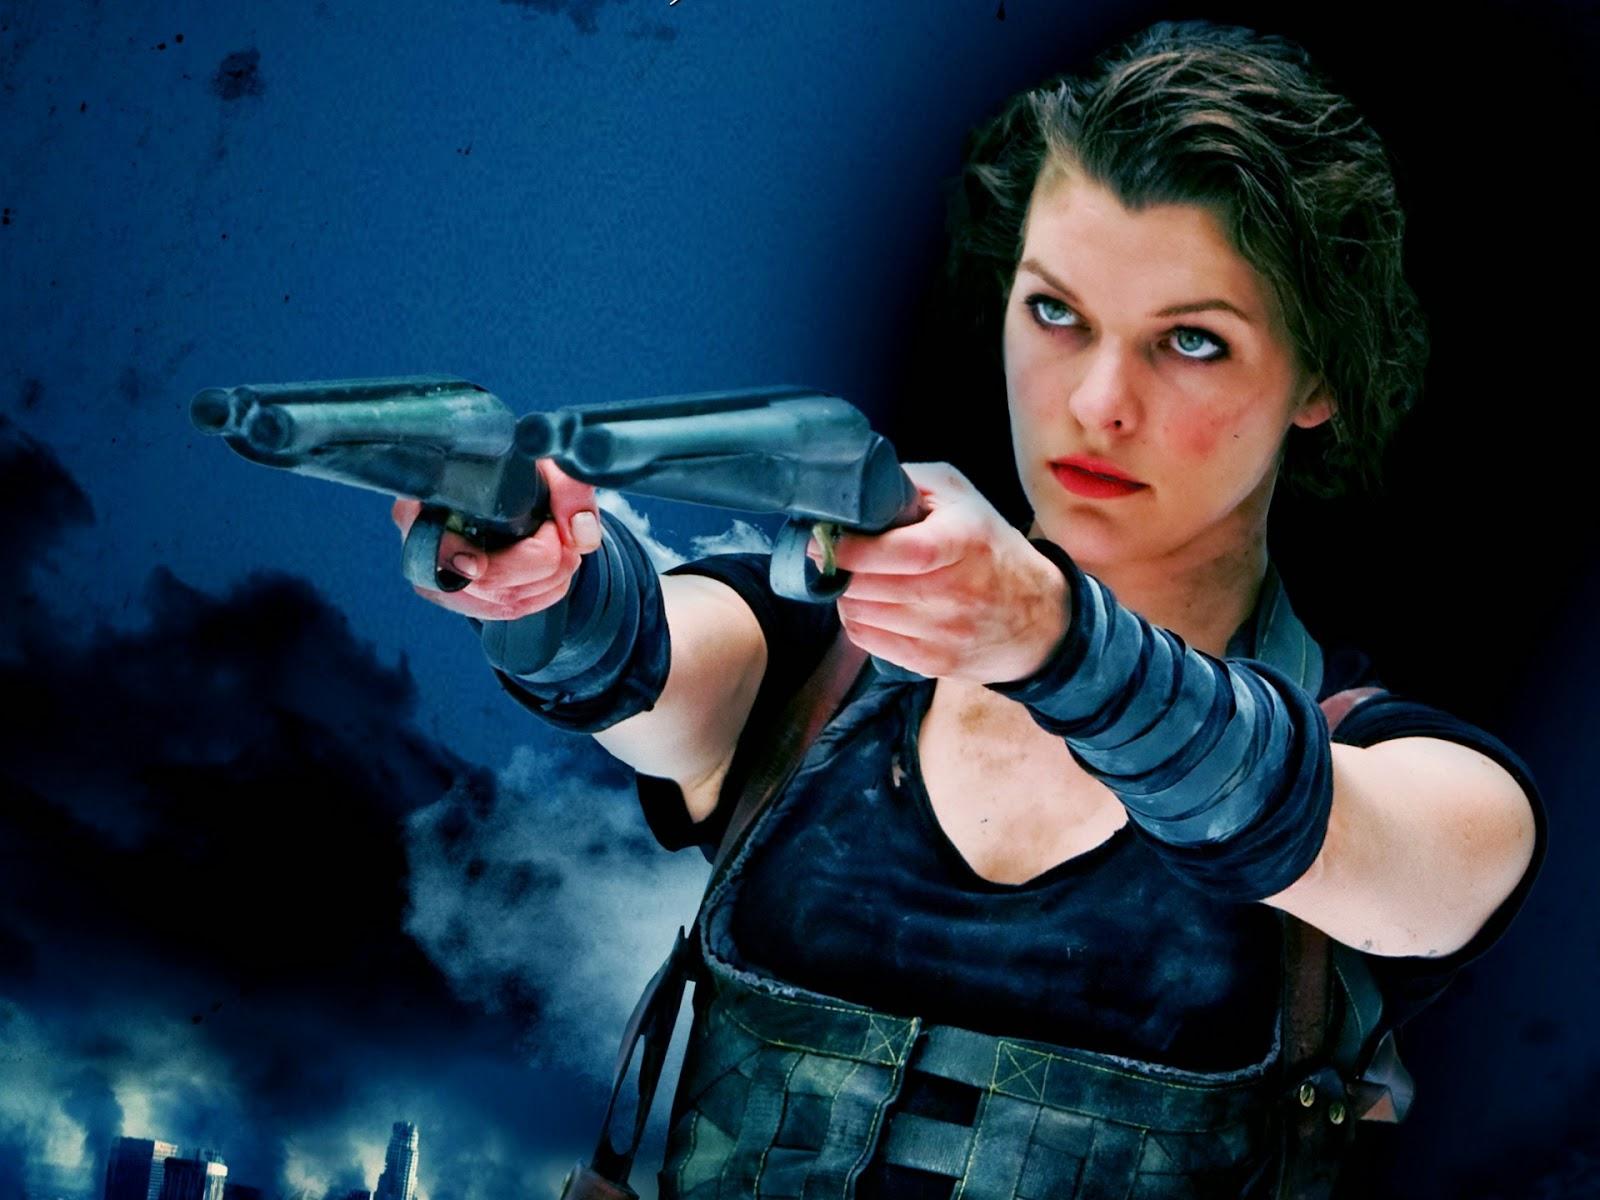 image Milla jovovich in resident evil